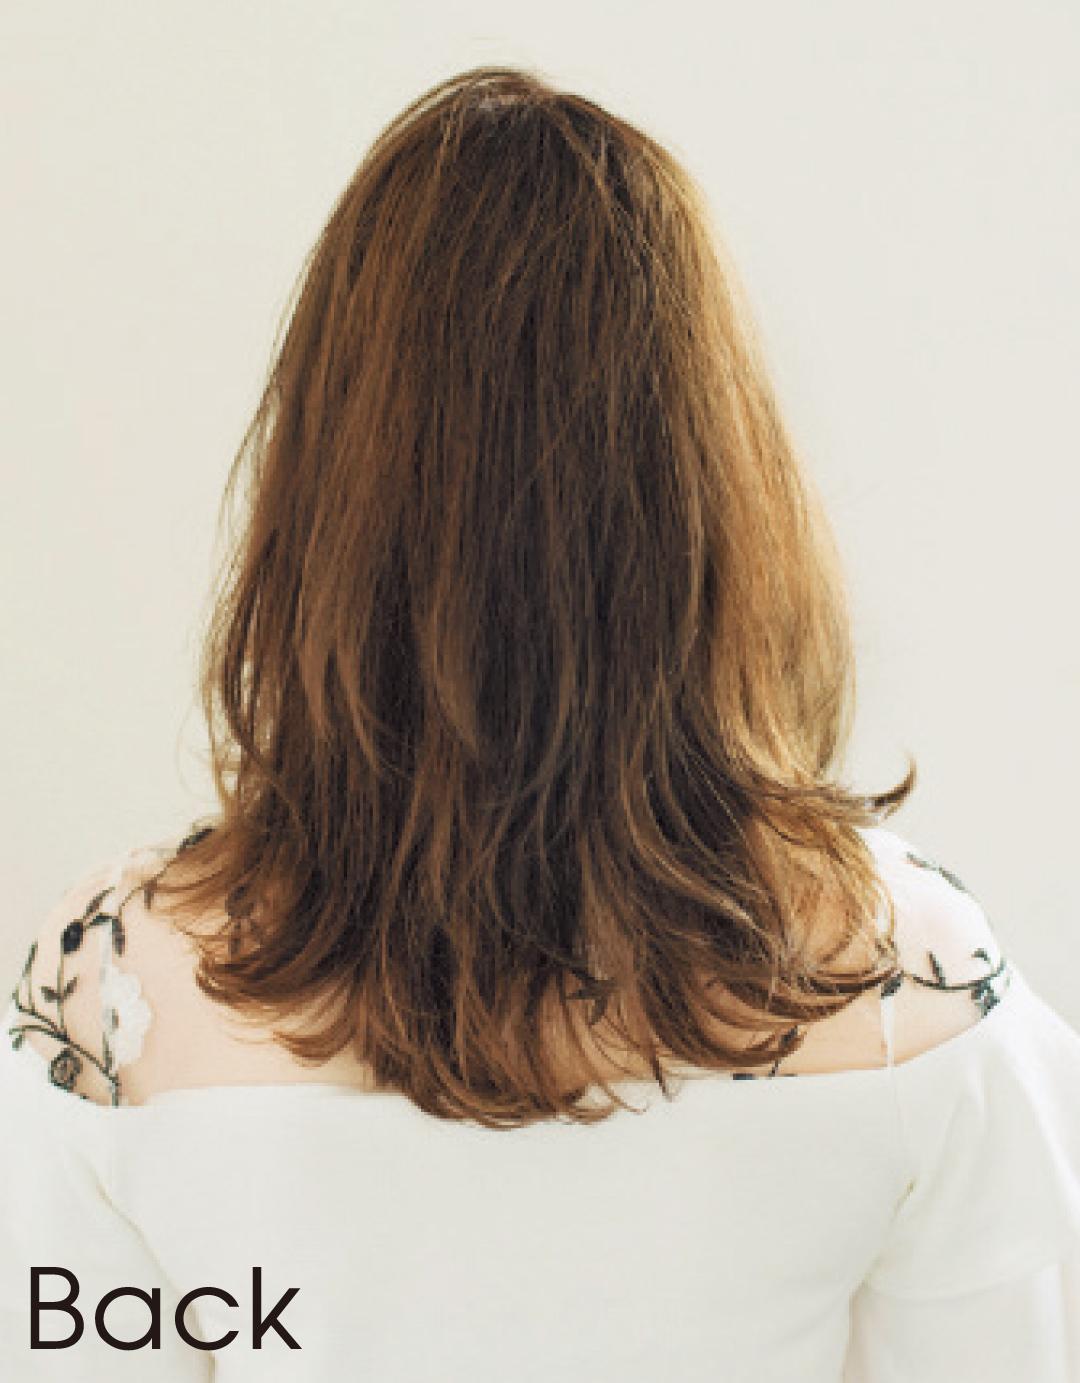 ぺたんこ髪でも、髪が多くてもOK! 石原さとみさん風ミディヘア見本帳_1_2-2